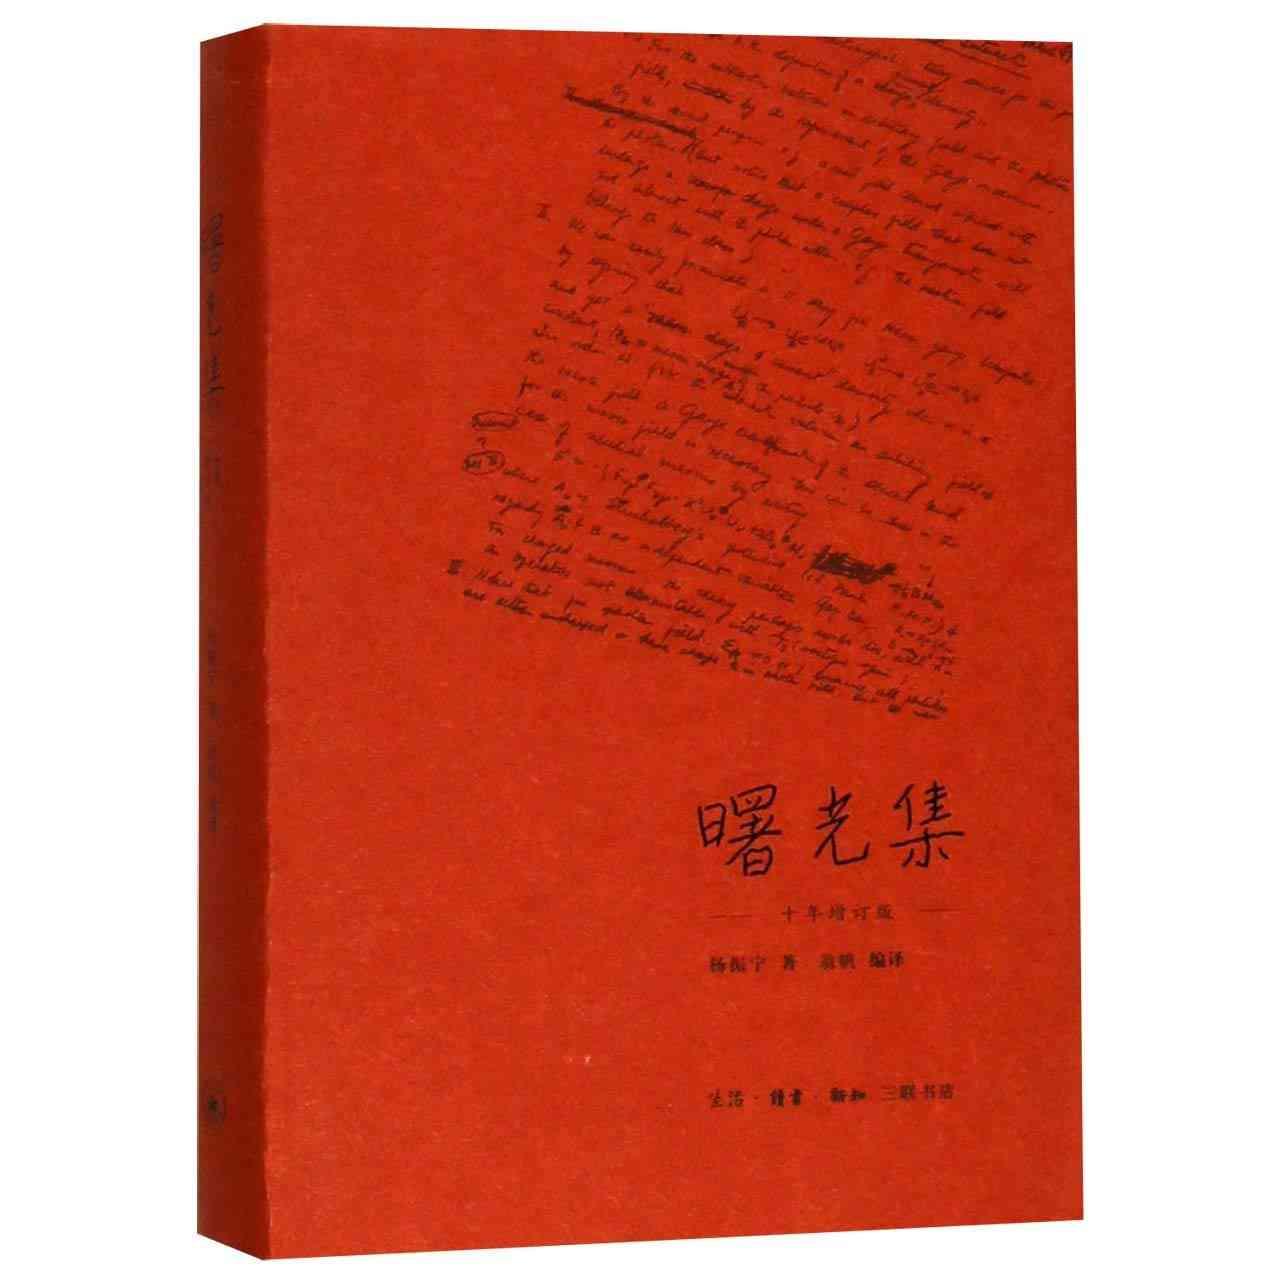 Essays Of Yang Chen-ning